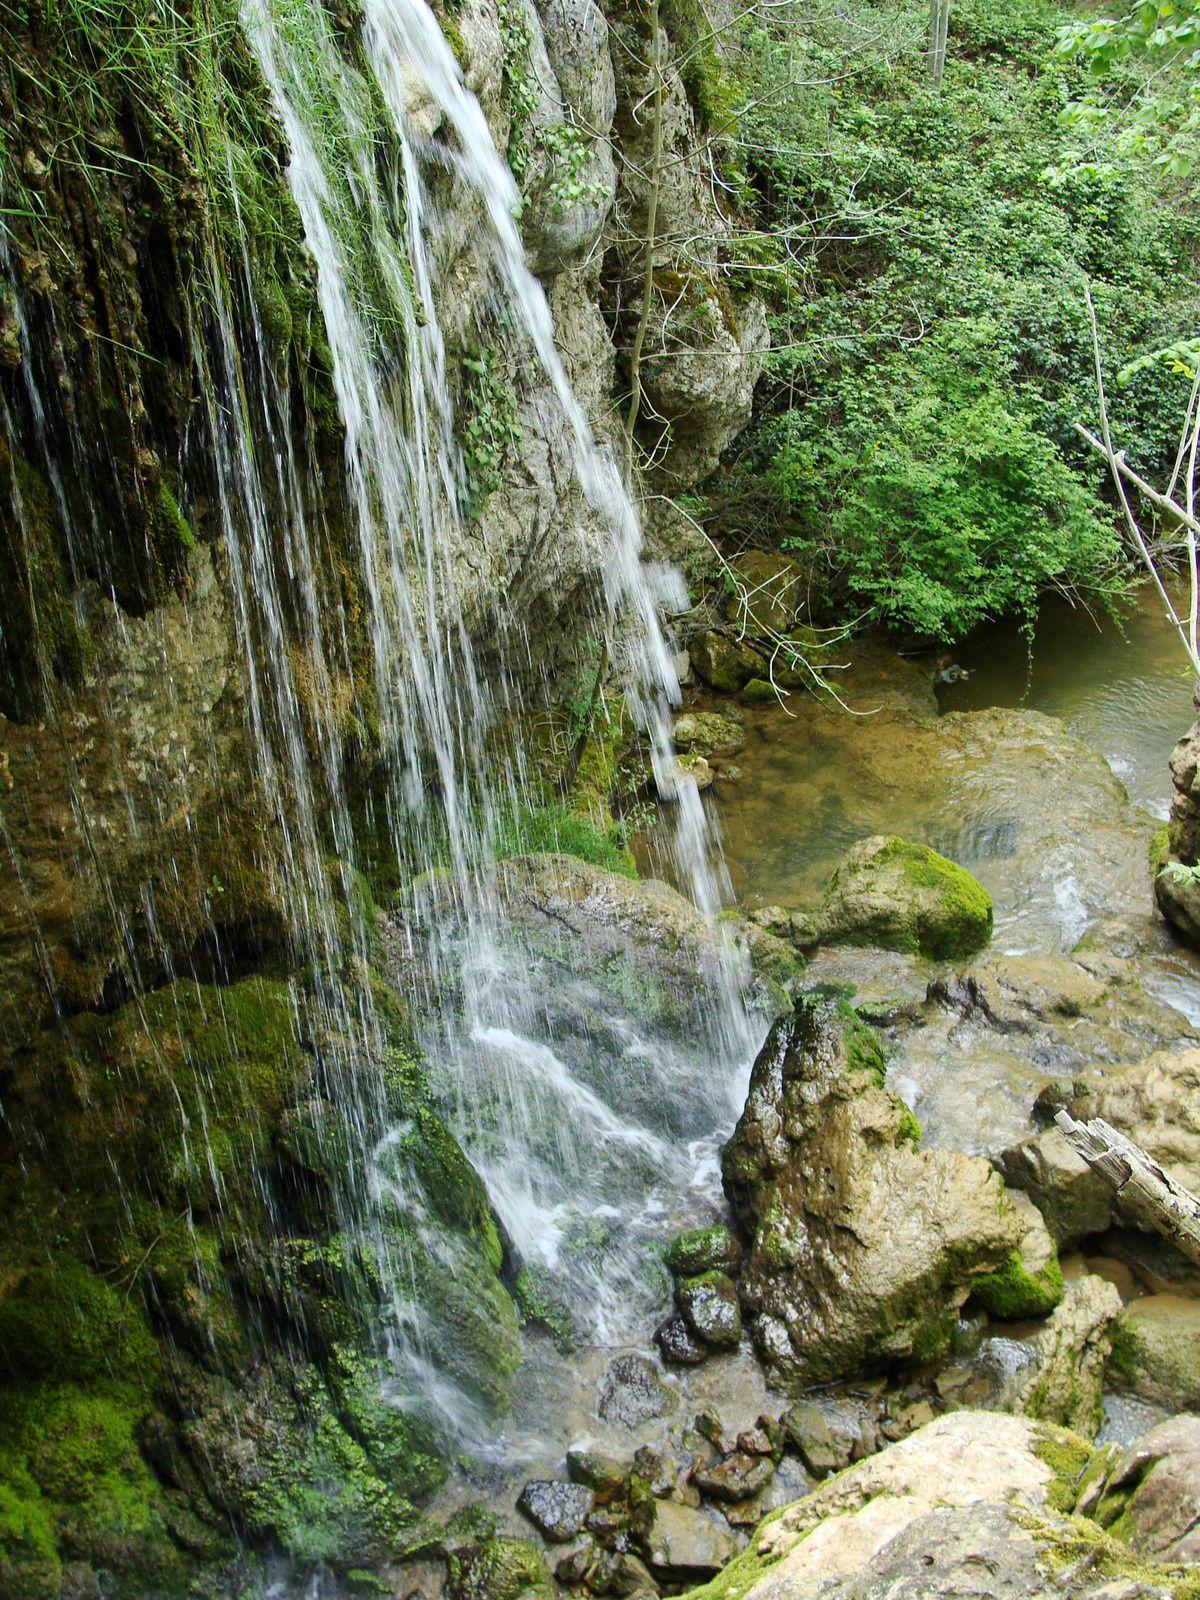 Nébias et ses environs sont le point de départ de randonnées que j'aime bien surtout au printemps quand tout est bien vert . Le labyrinthe en fait partie ainsi qu'un peu plus loin la cascade sur le chemin qui descend vers Brenac .